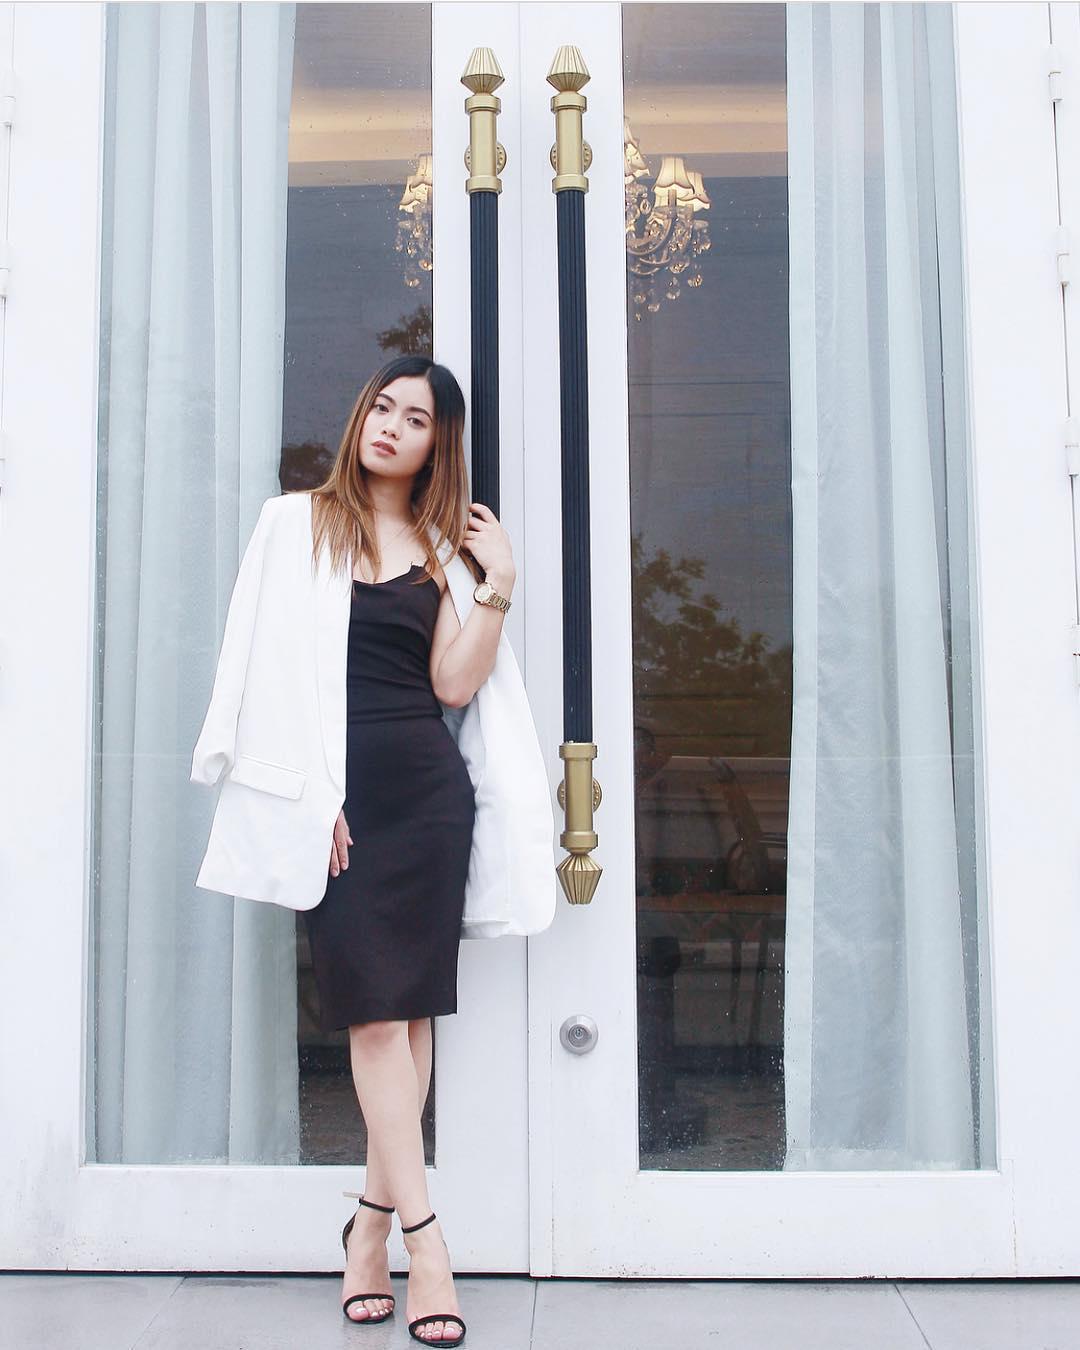 @joanne_marasigan wears The Cloé in black